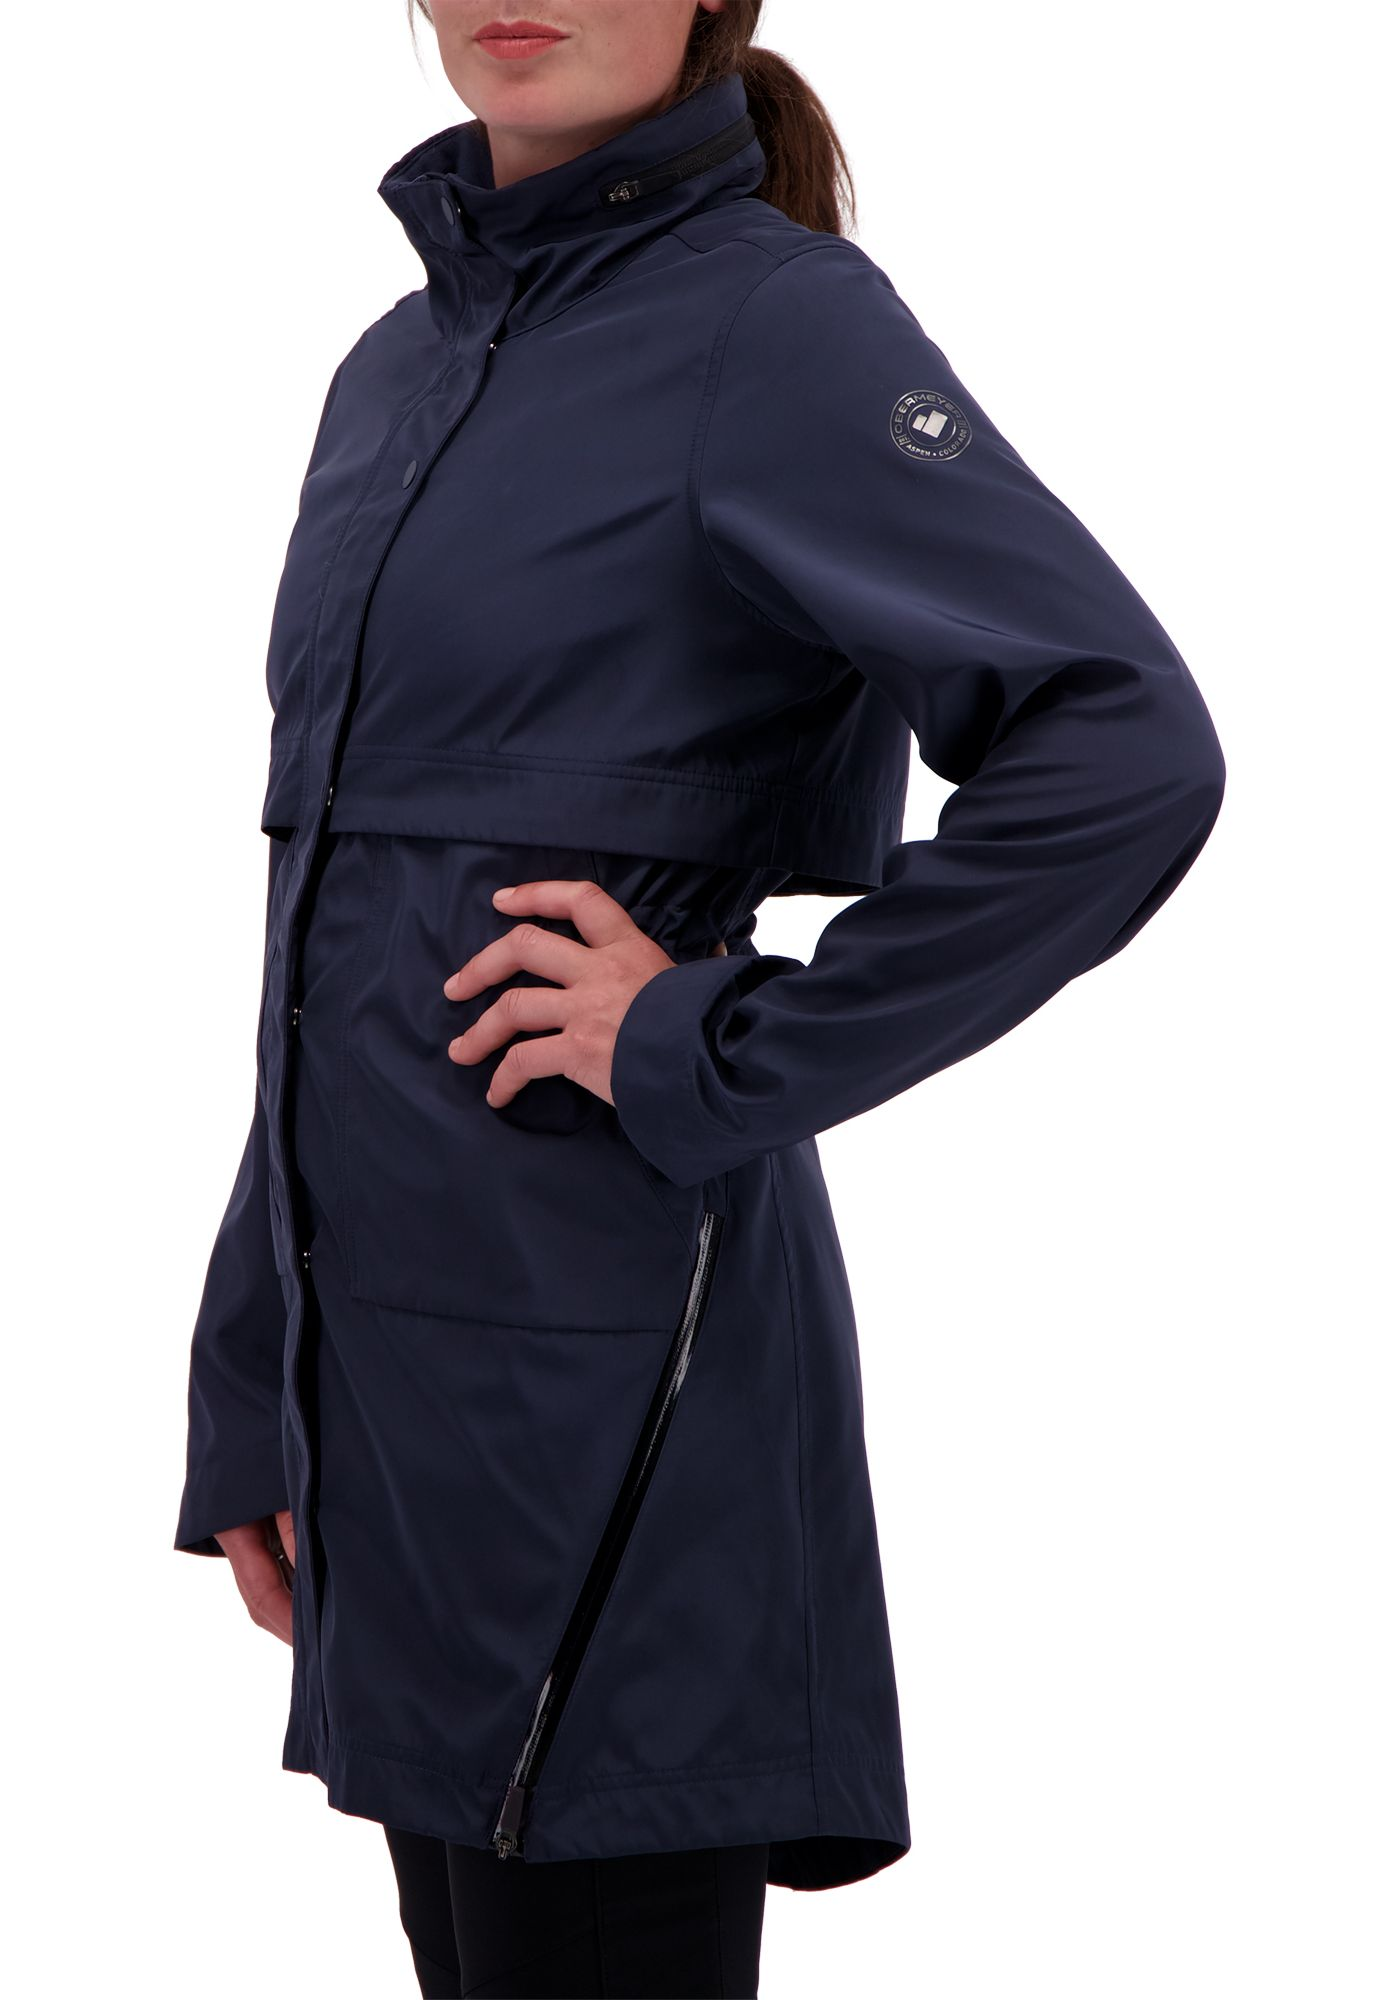 Obermeyer Women's Thalia Softshell Jacket